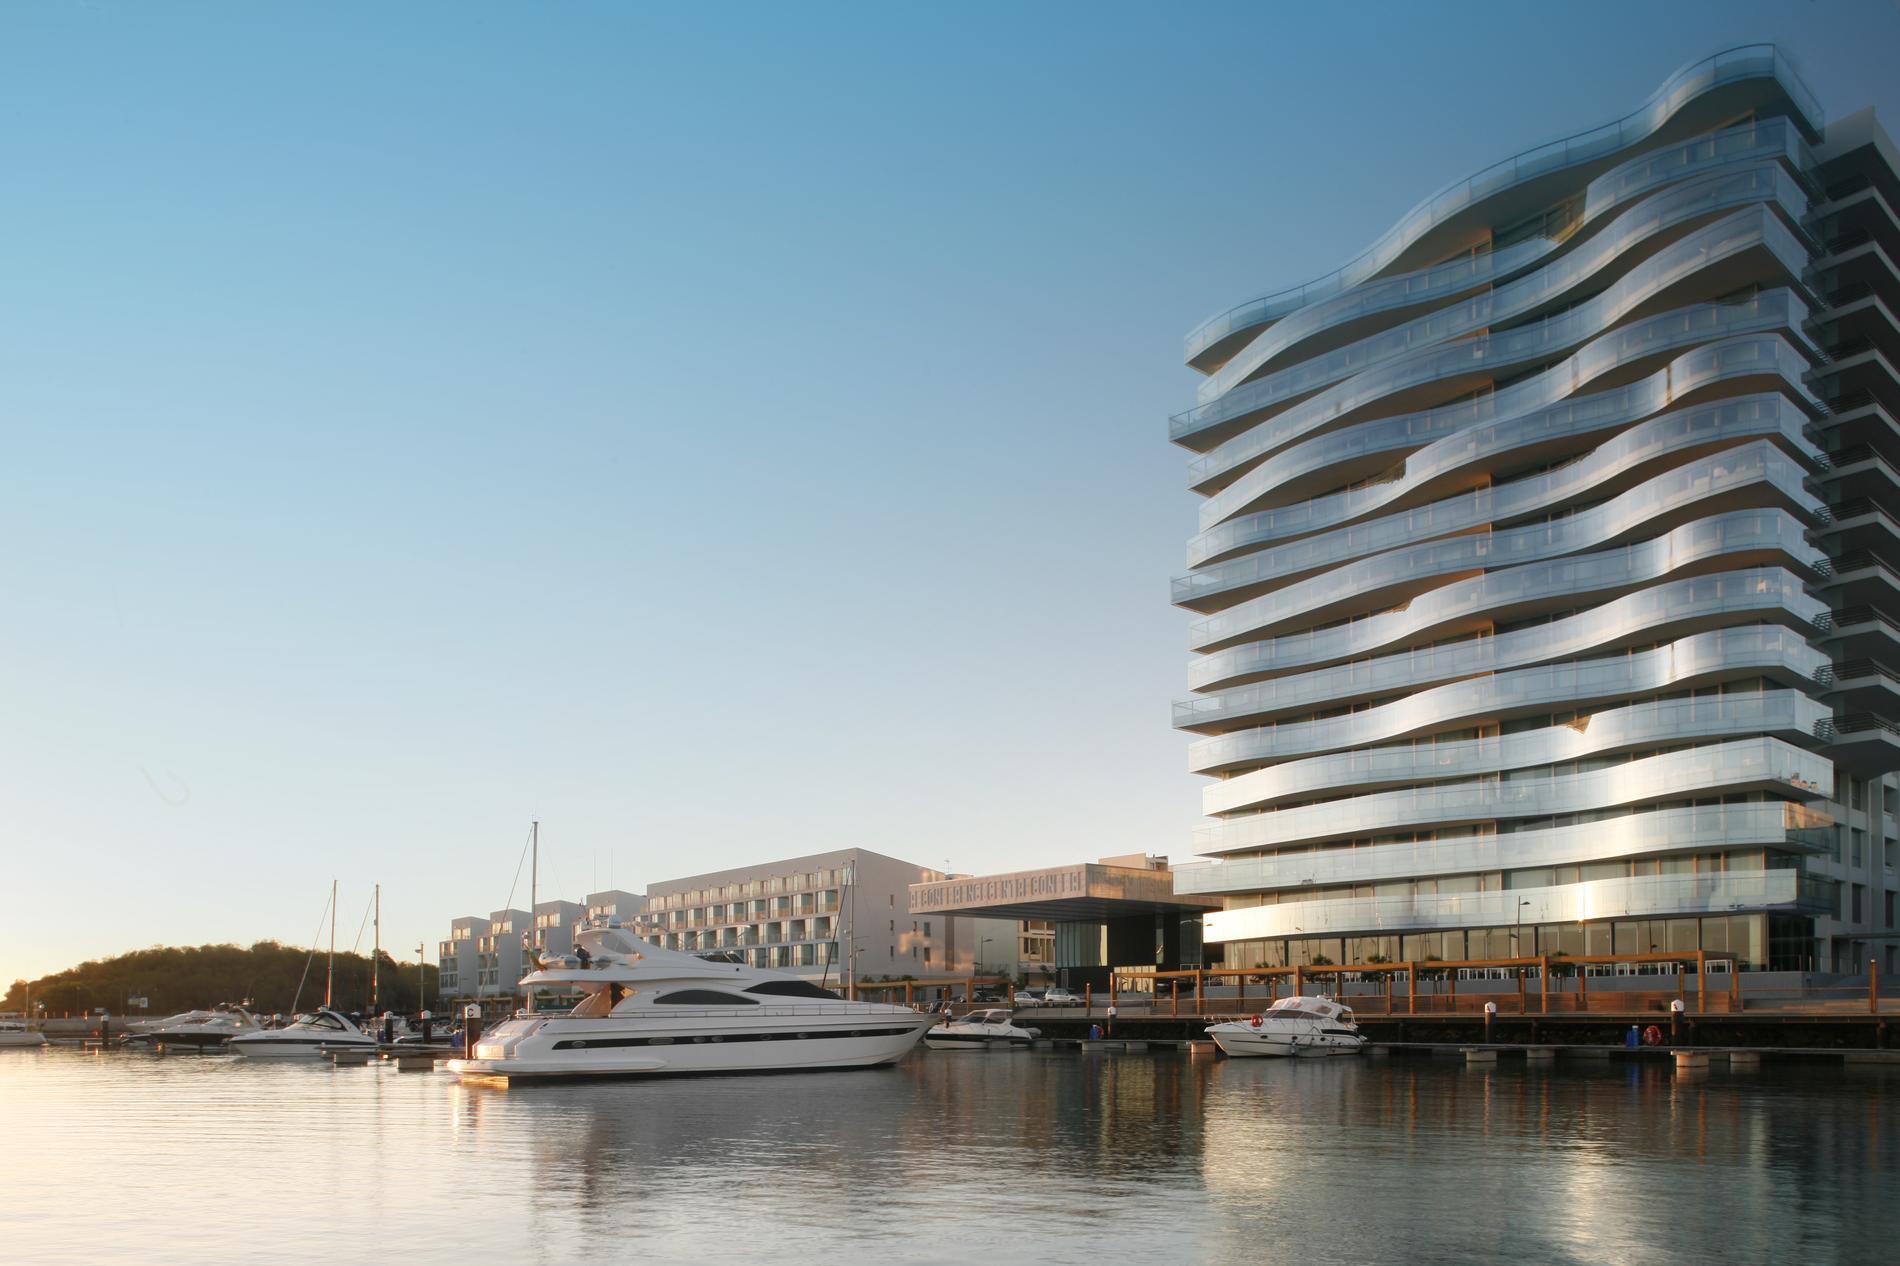 Lisbonne, Porto, Madère... Dix hôtels design au Portugal -...